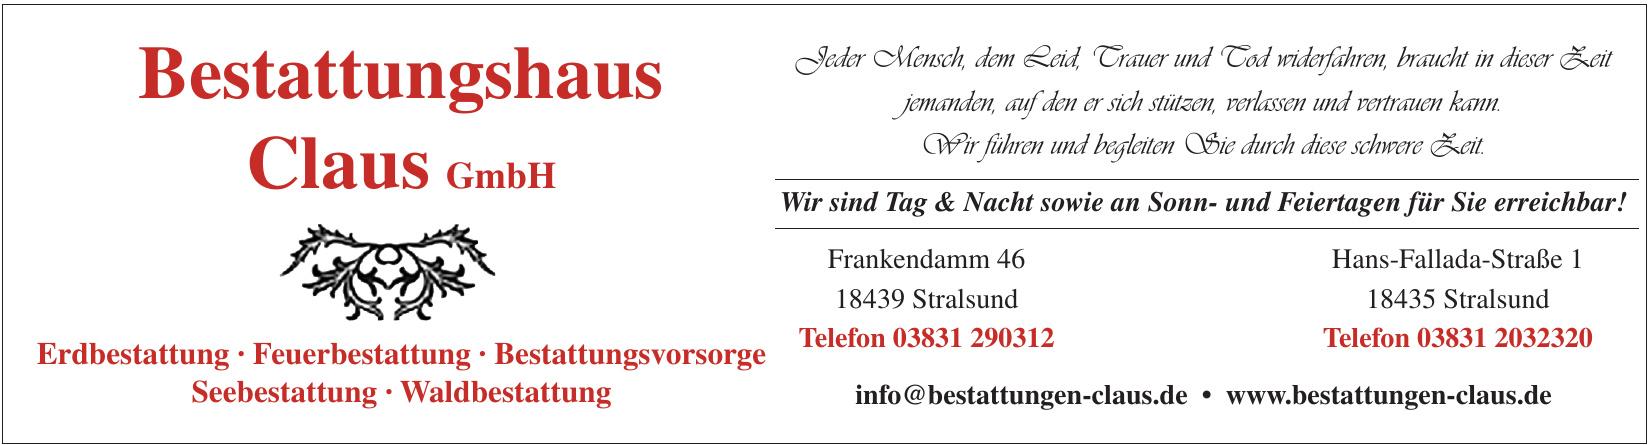 Bestattungshaus Claus GmbH